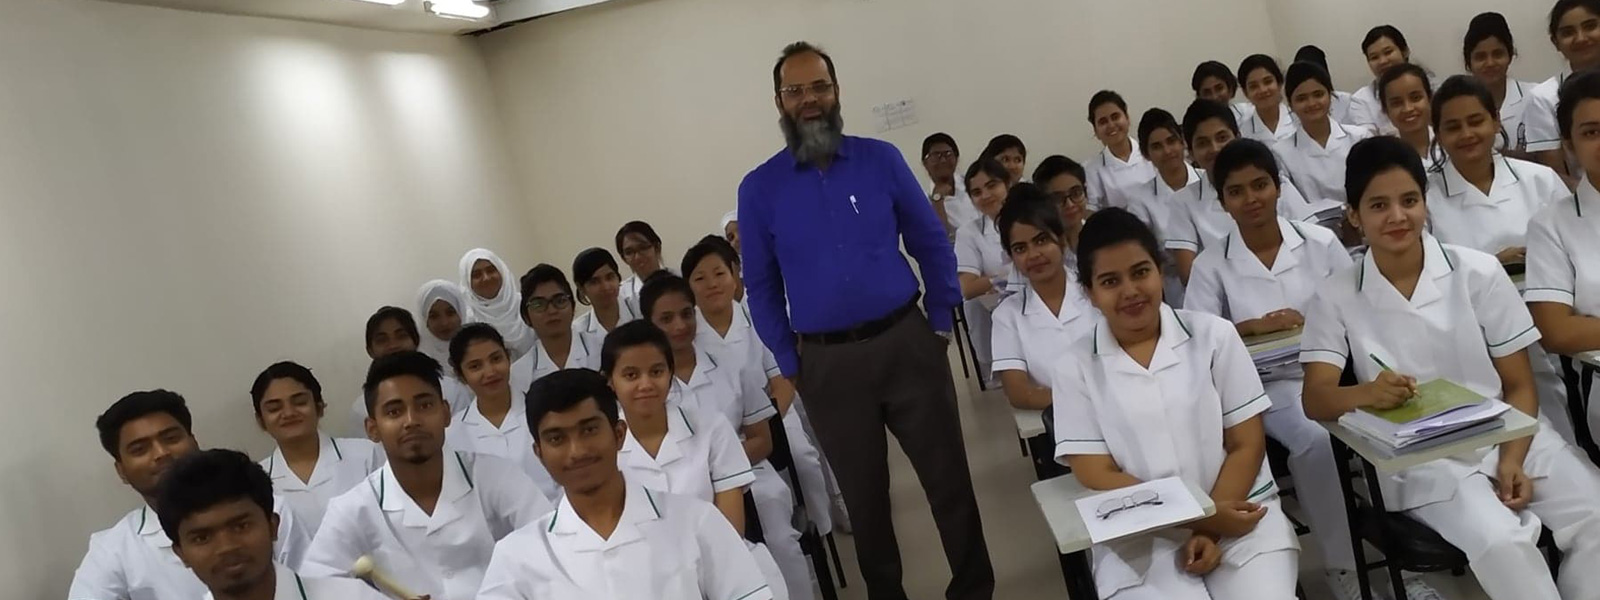 At Nursing School